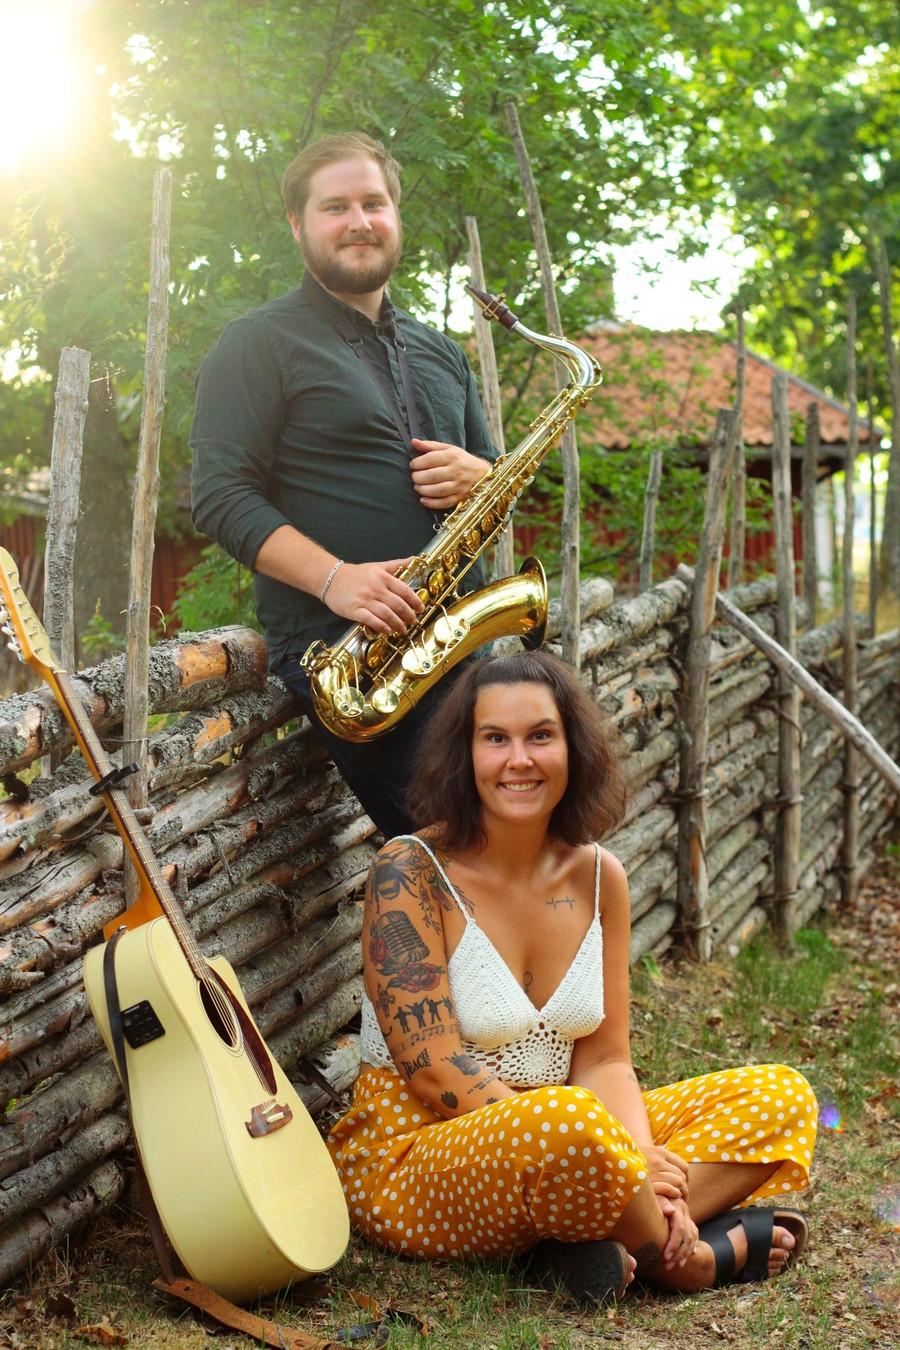 Saxofon, gitarr, musik